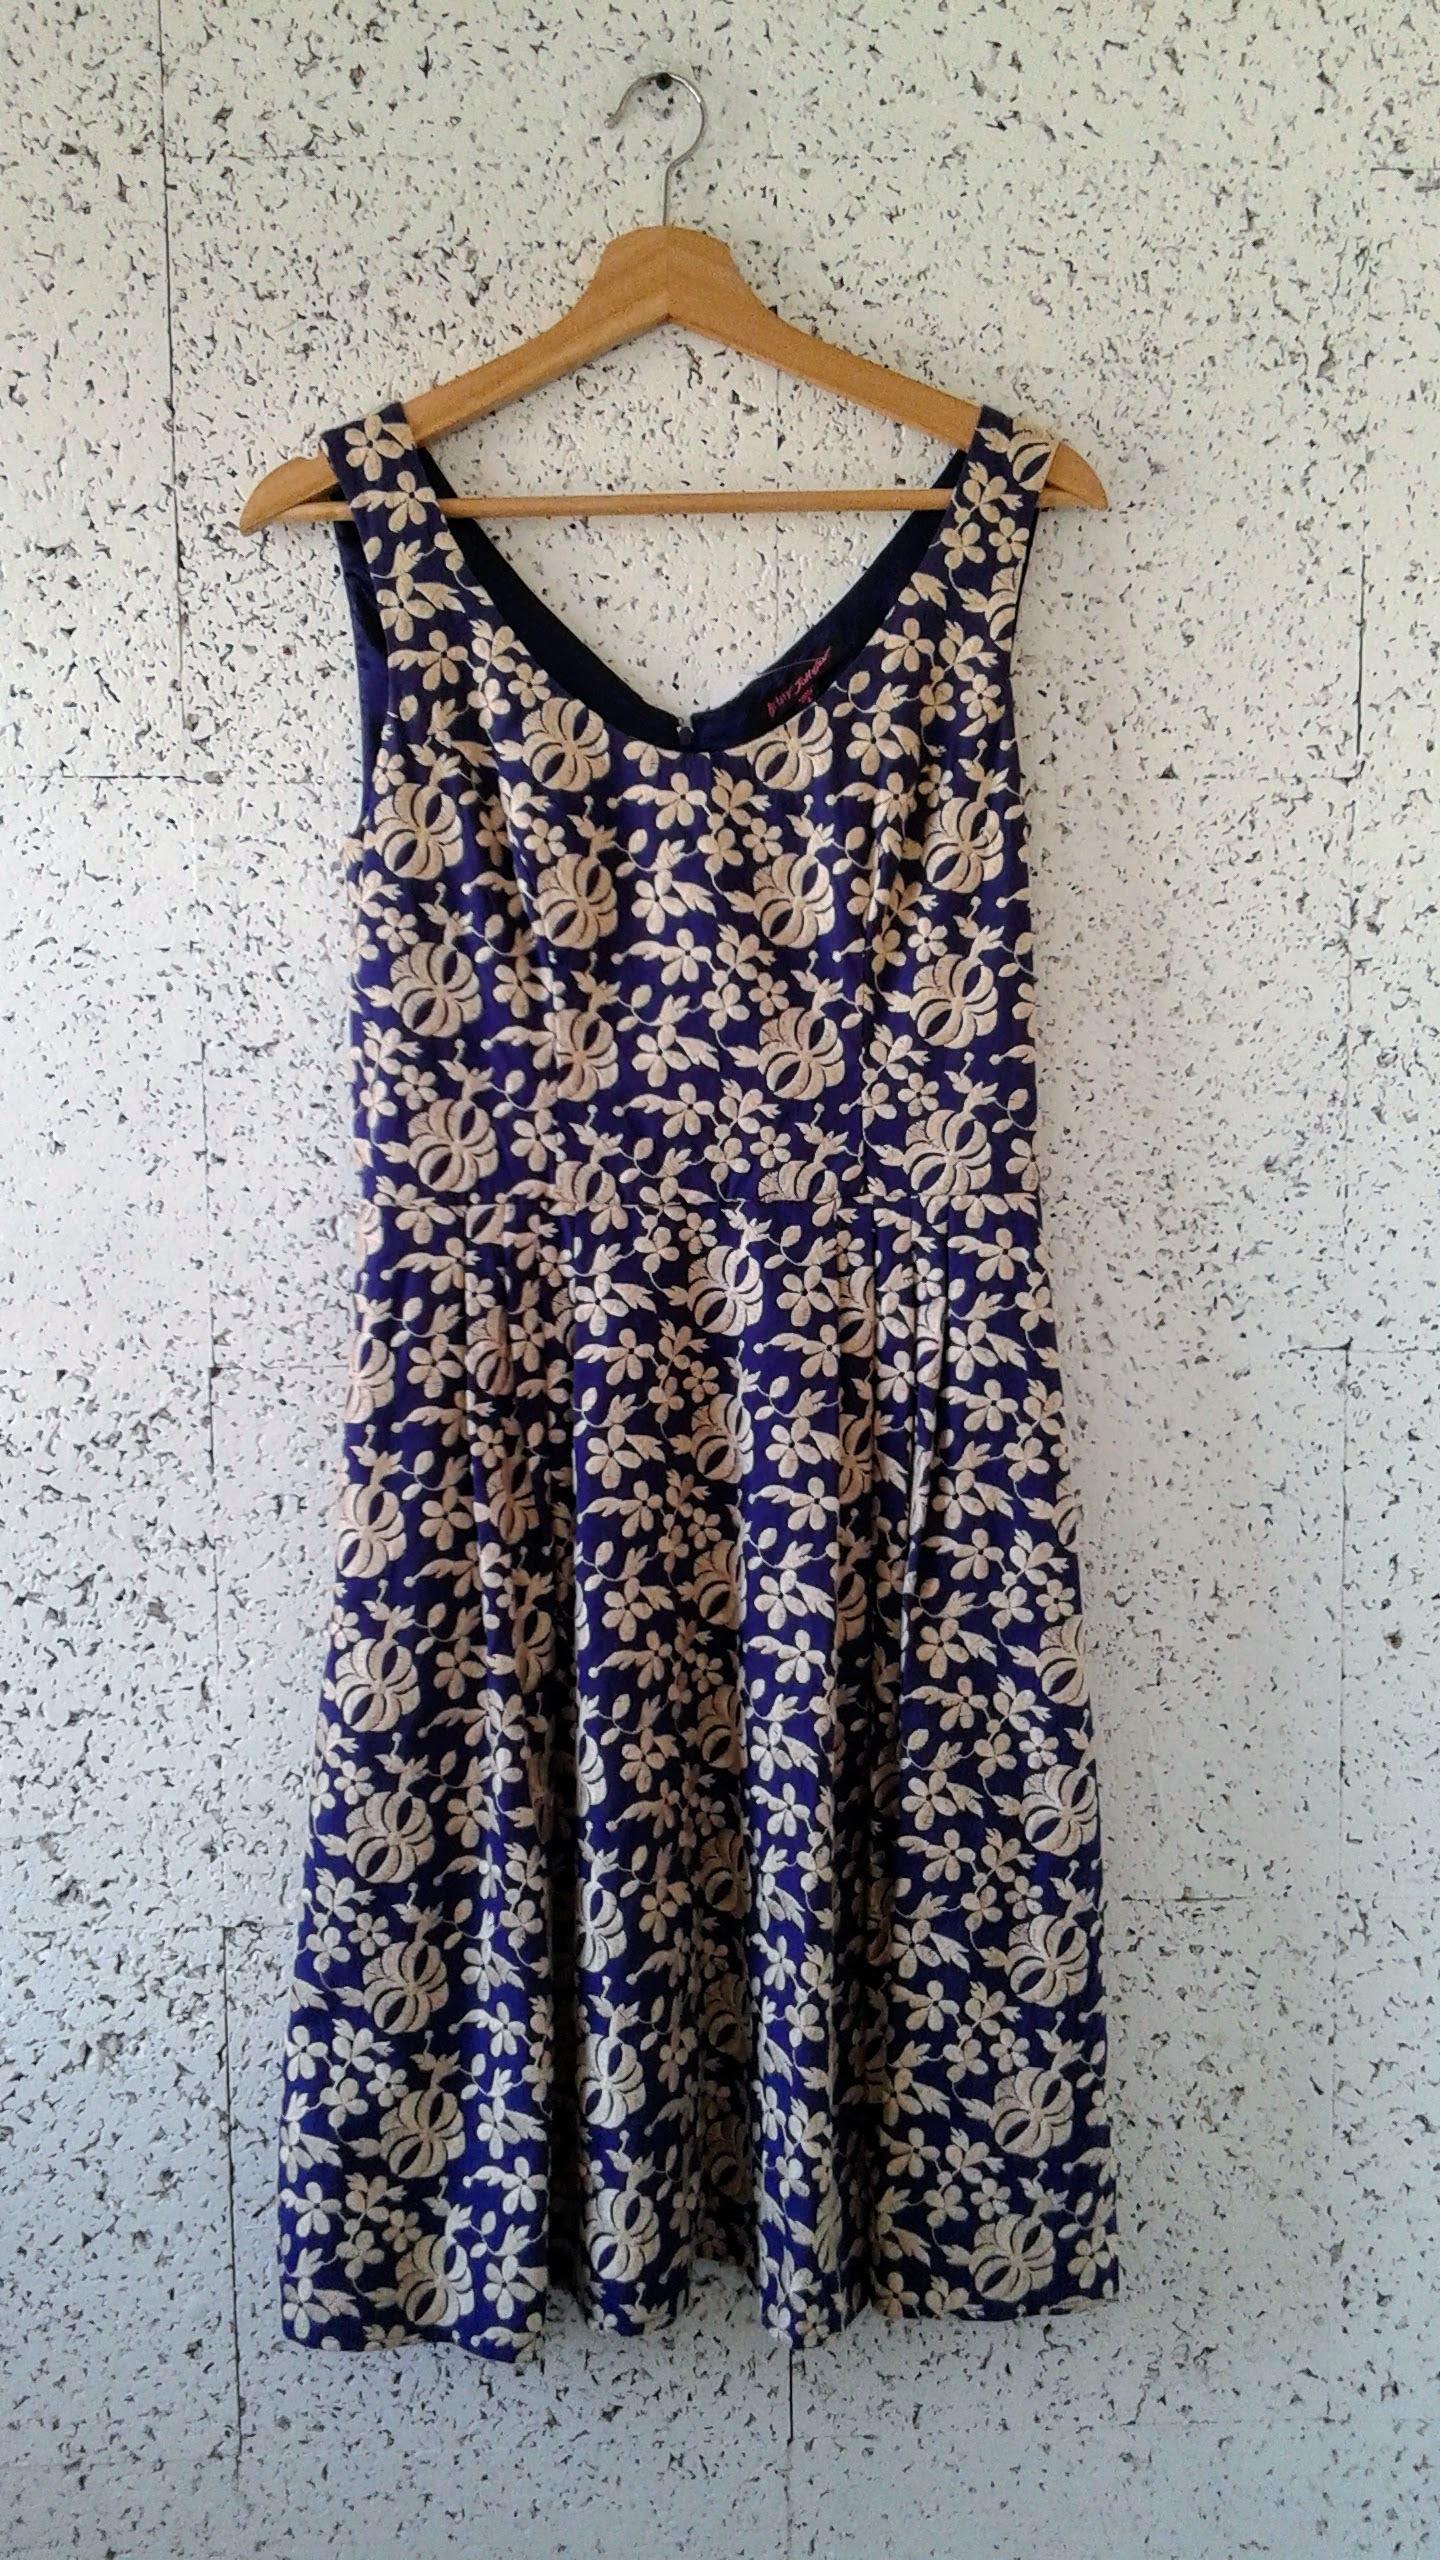 Betsey Johnson dress; Size 6, $62